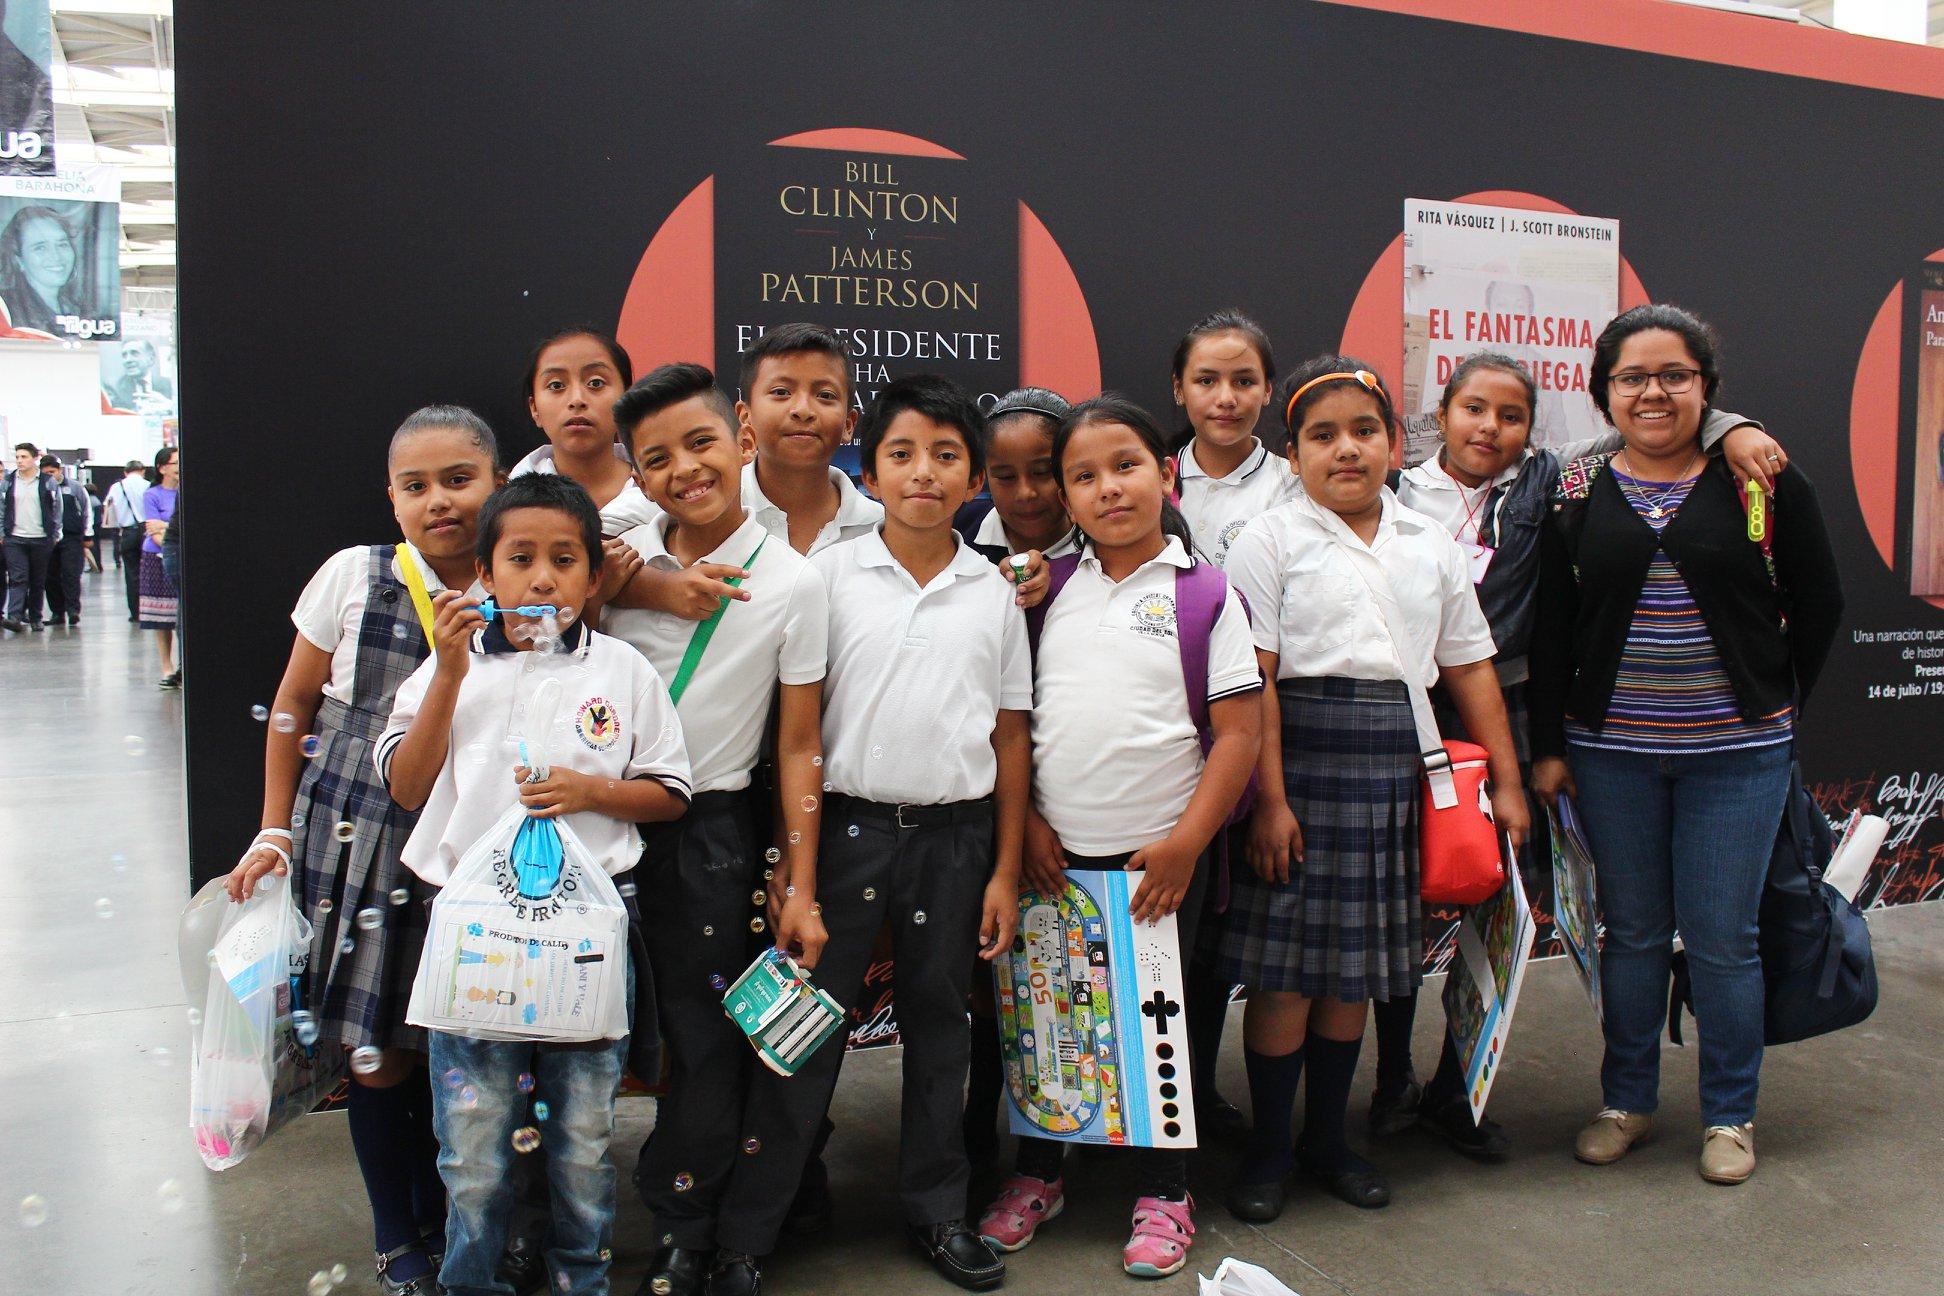 Buscan voluntarios para la Feria Internacional del Libro en Guatemala, Filgua